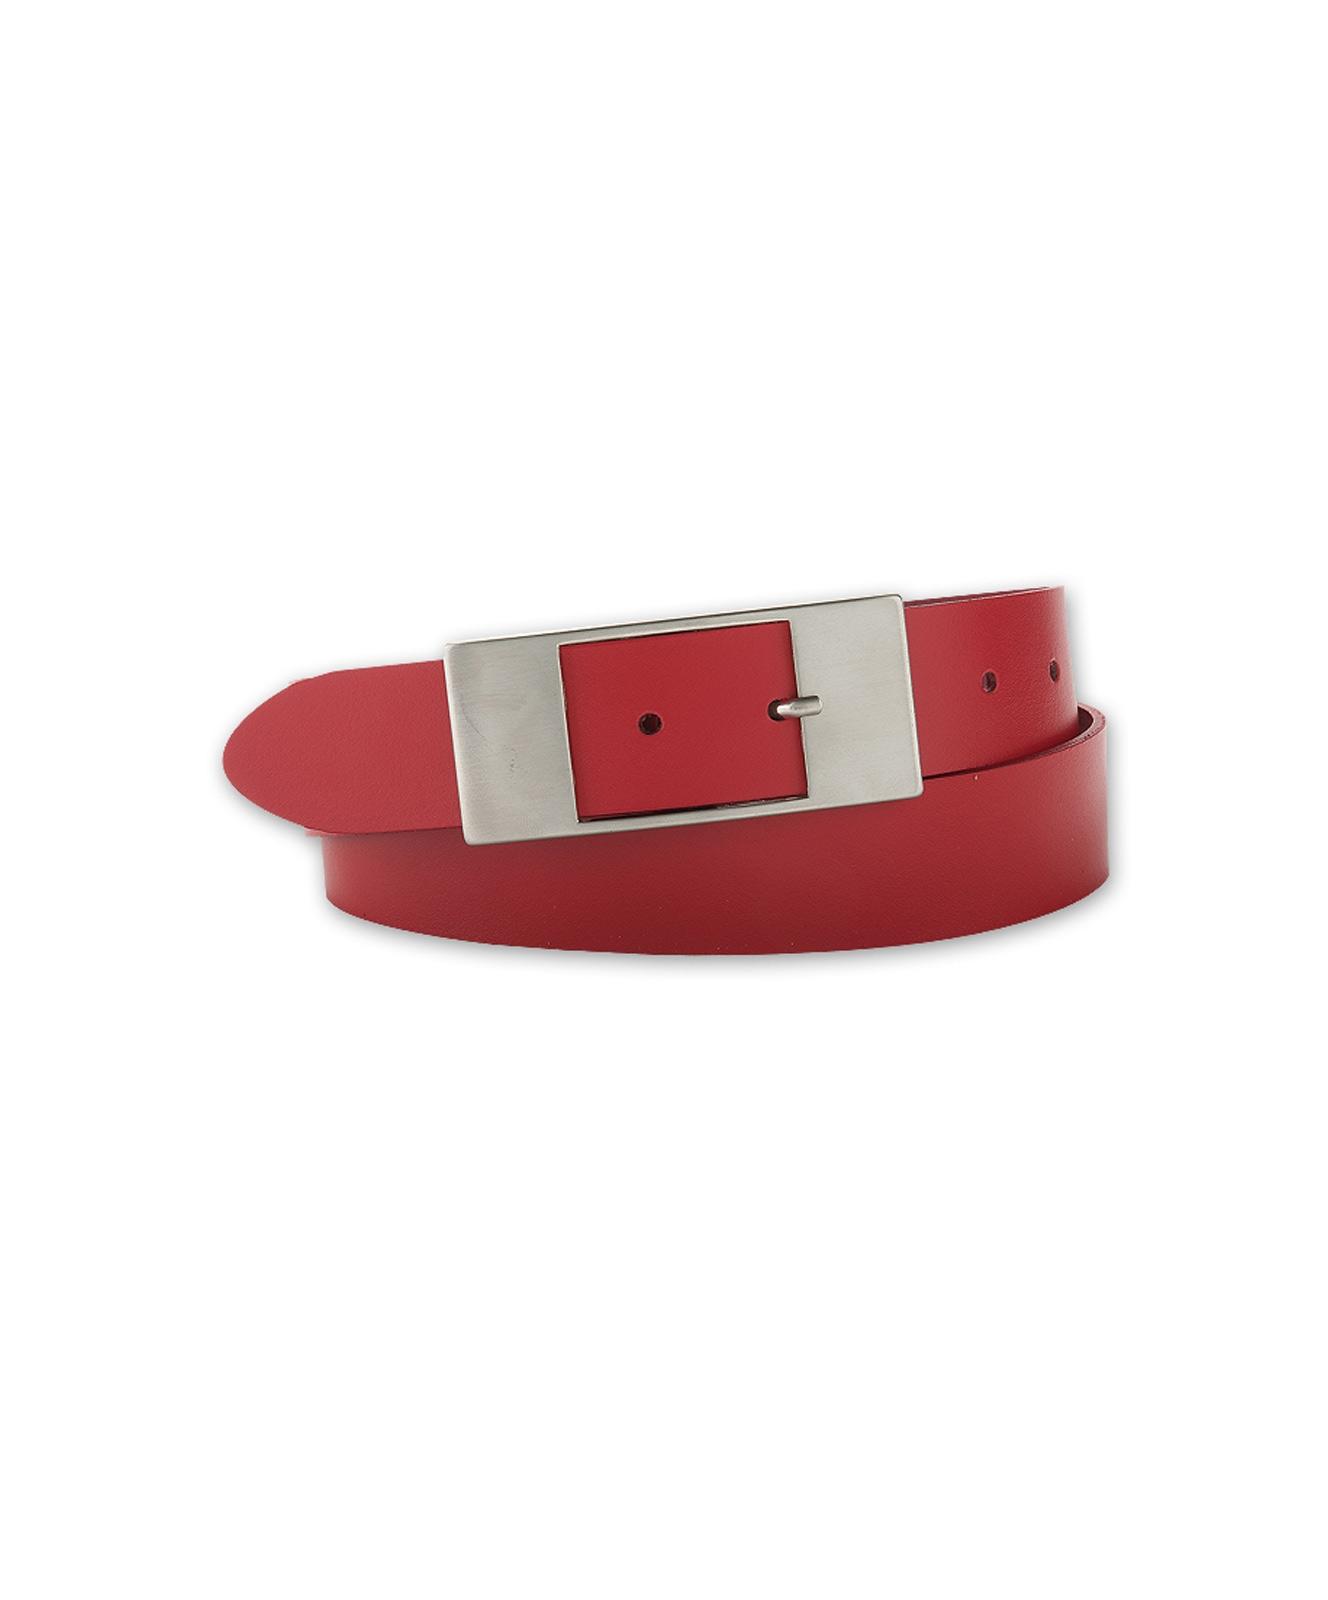 Guertel - Bernd Götz Ledergürtel Damen 3,5cm Softledergürtel in Rot  - Onlineshop Jeans Meile